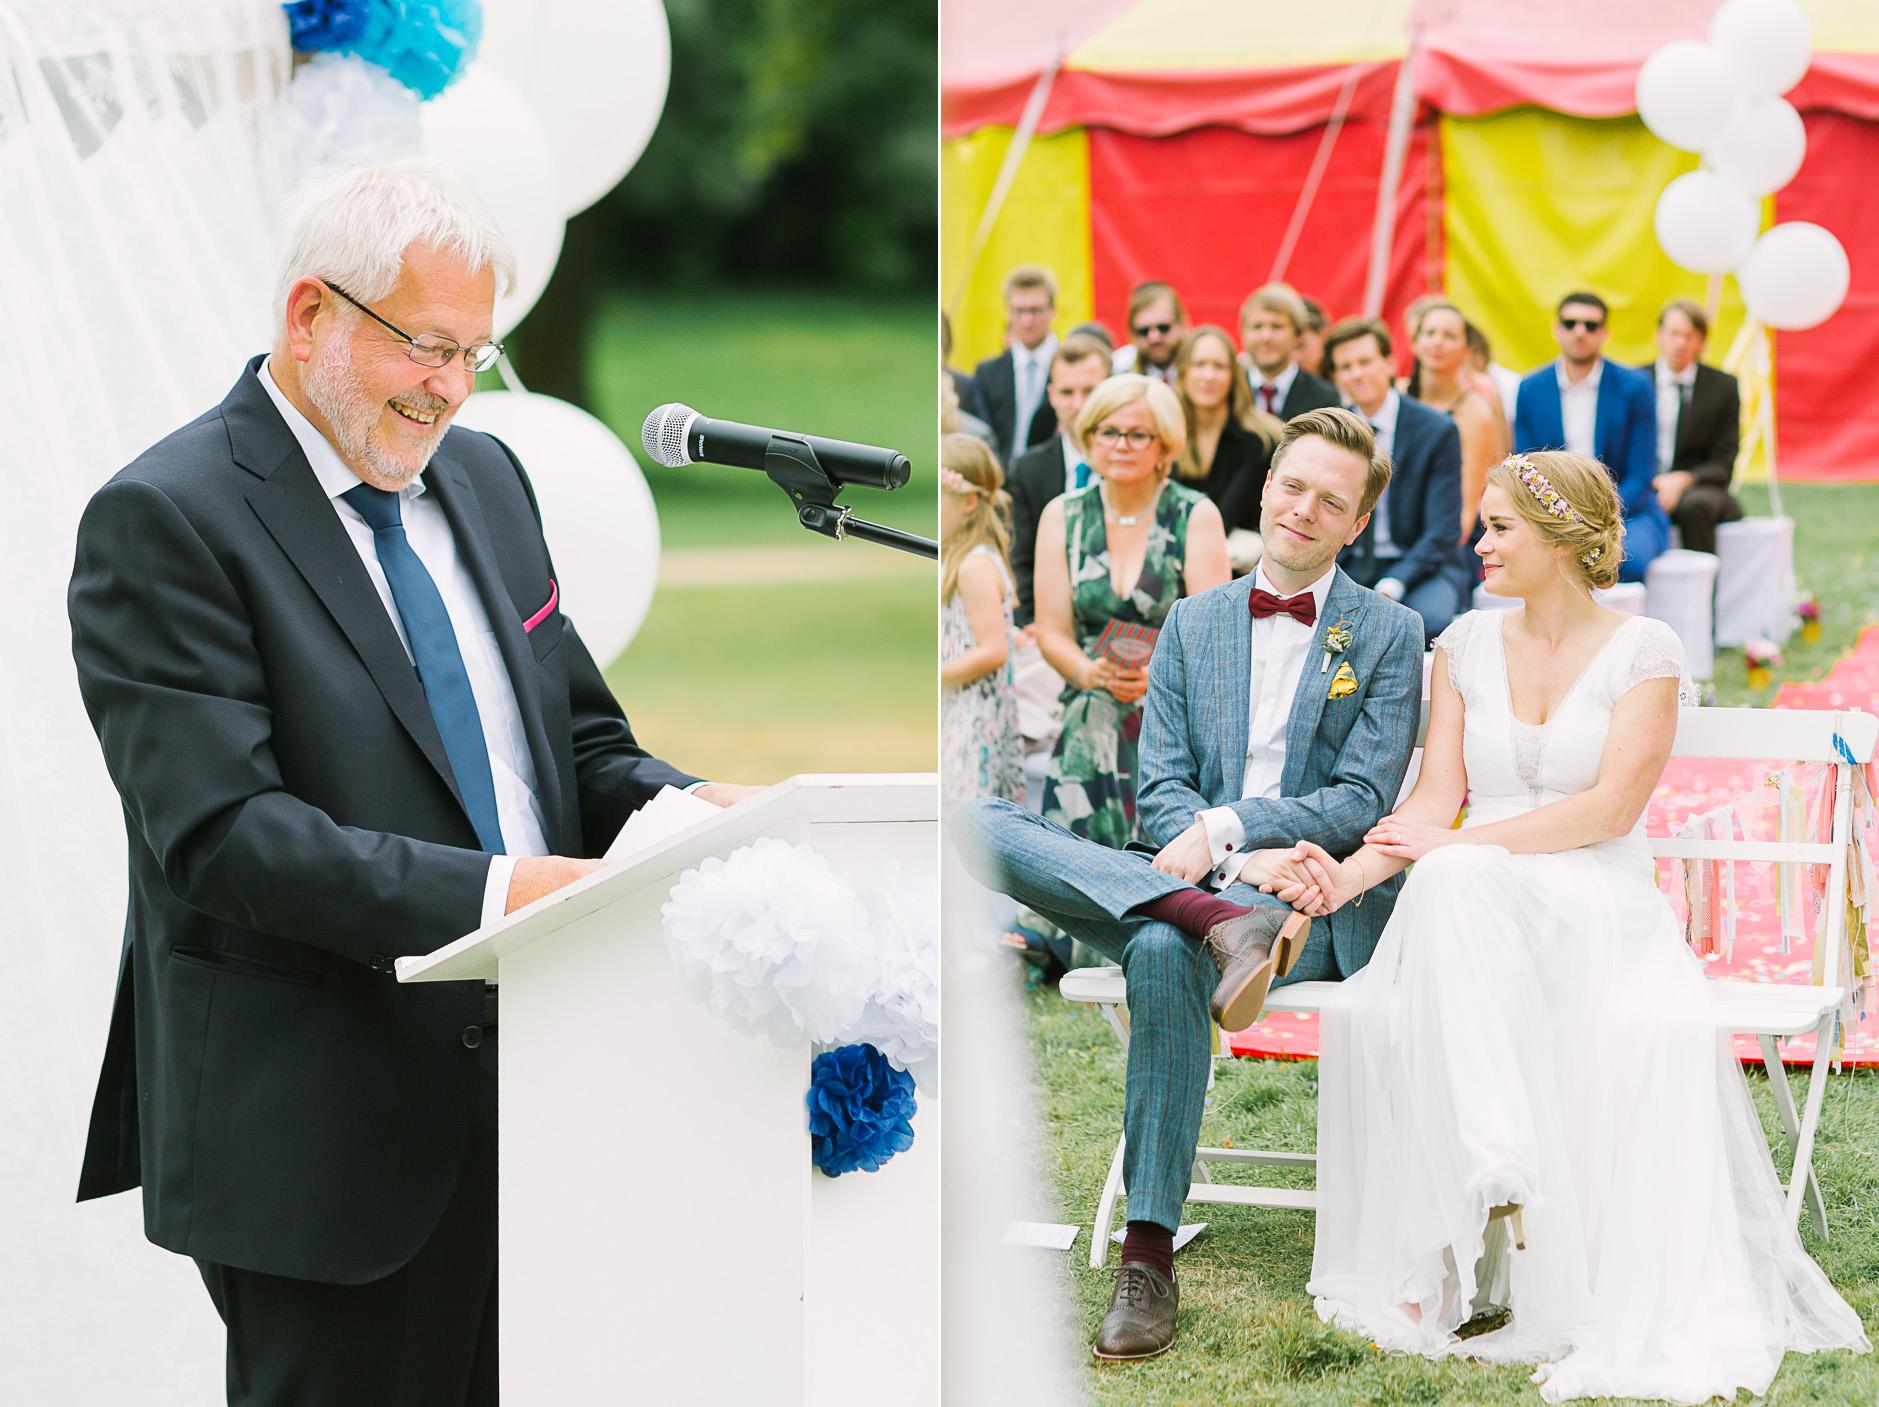 Hochzeitsfotograf Le Hai Linh Koeln Duesseldorf Bonn Zirkushochzeit Vintagehochzeit Sommerhochzeit 077.jpg